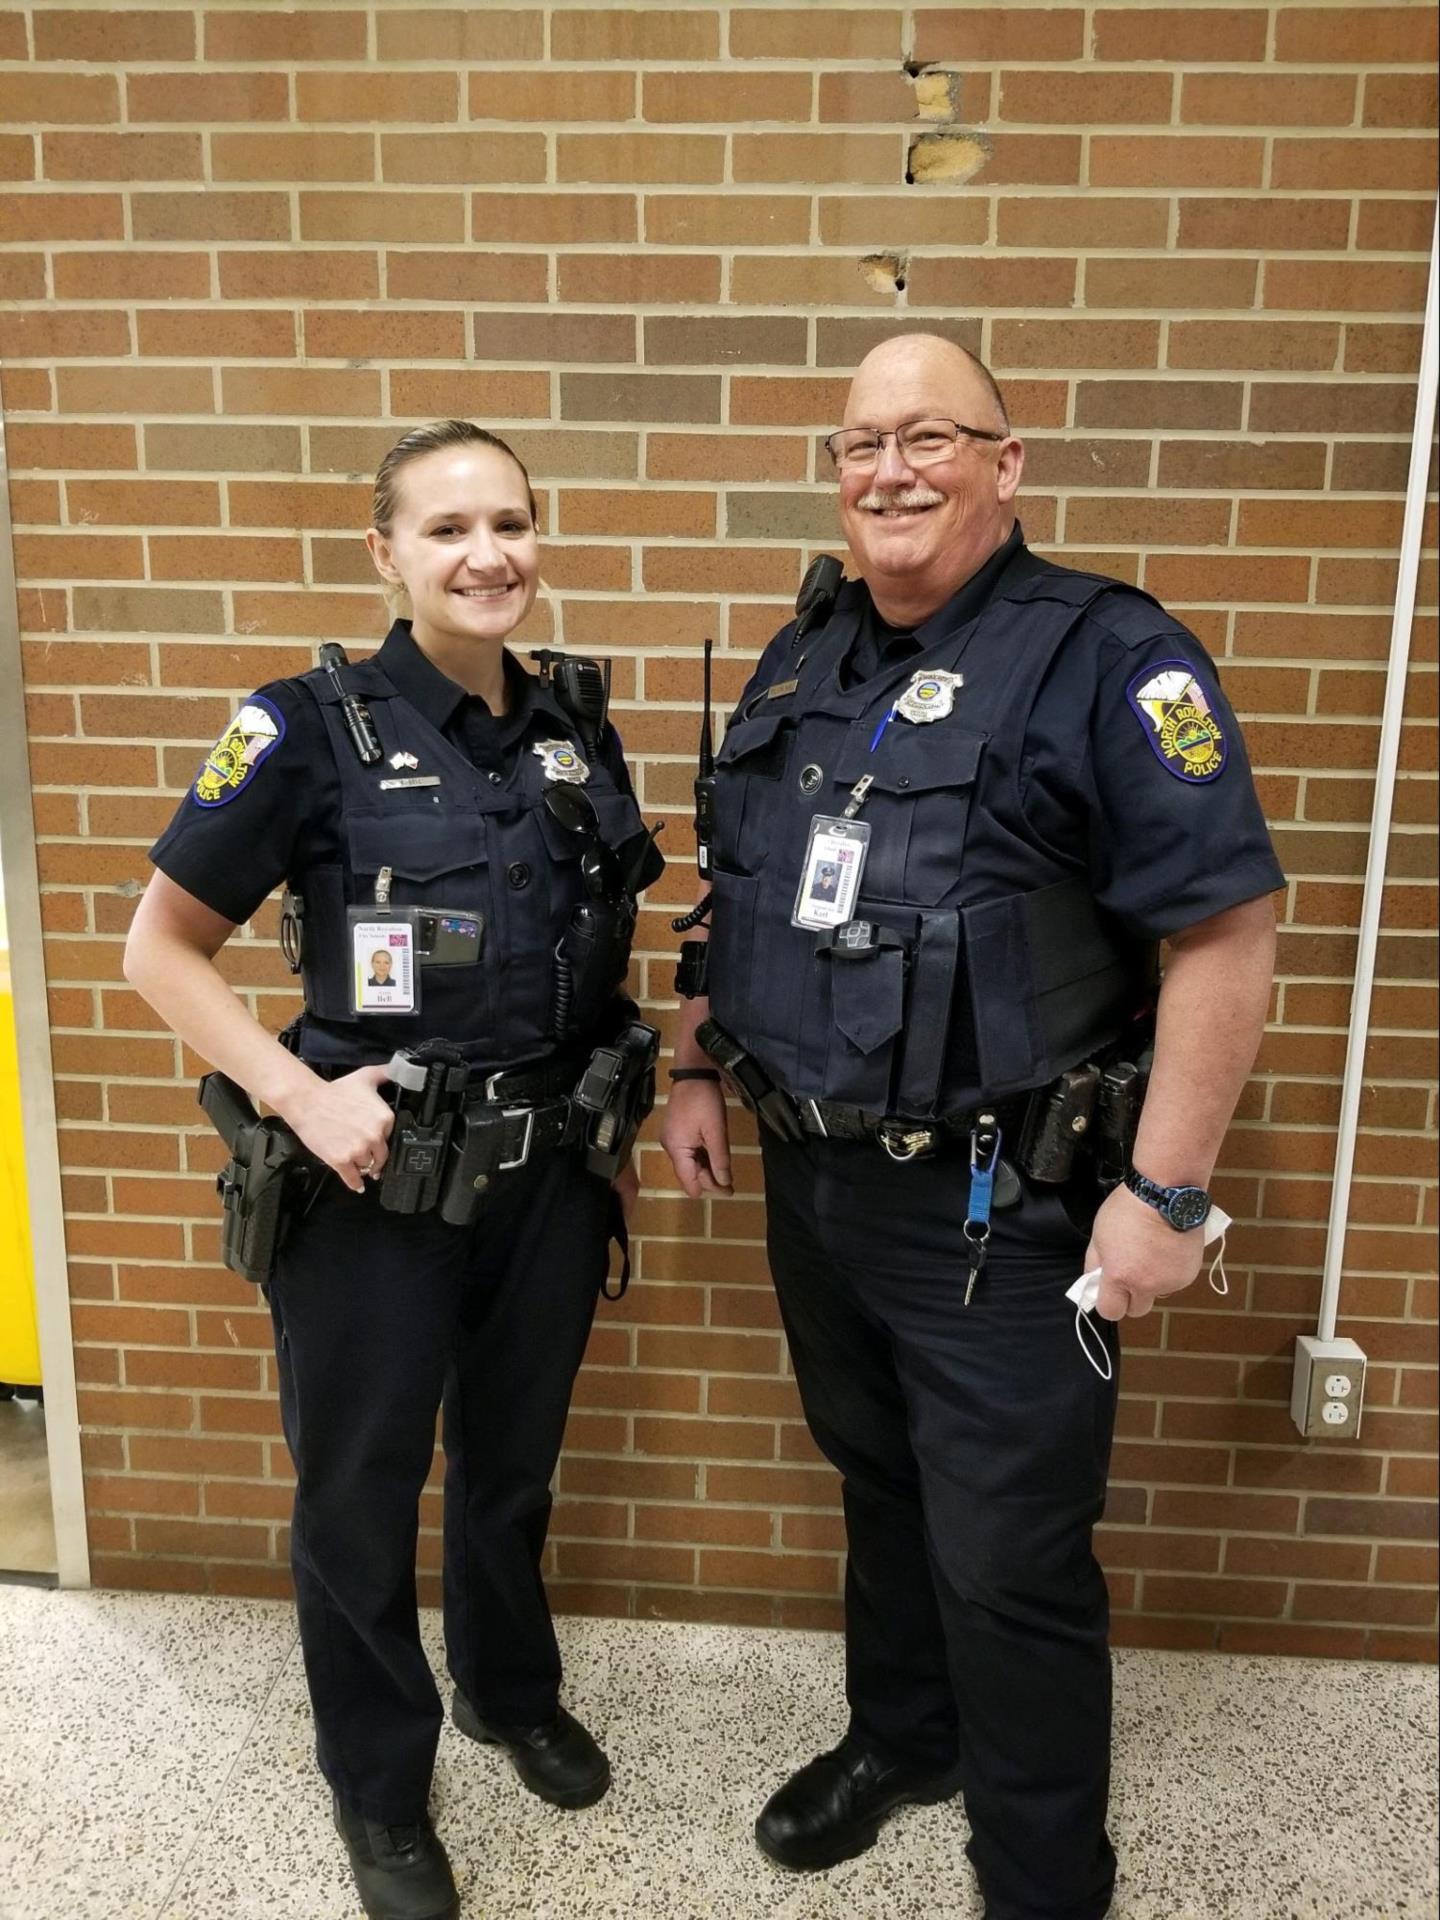 Officer Jon Karl and Officer Bell